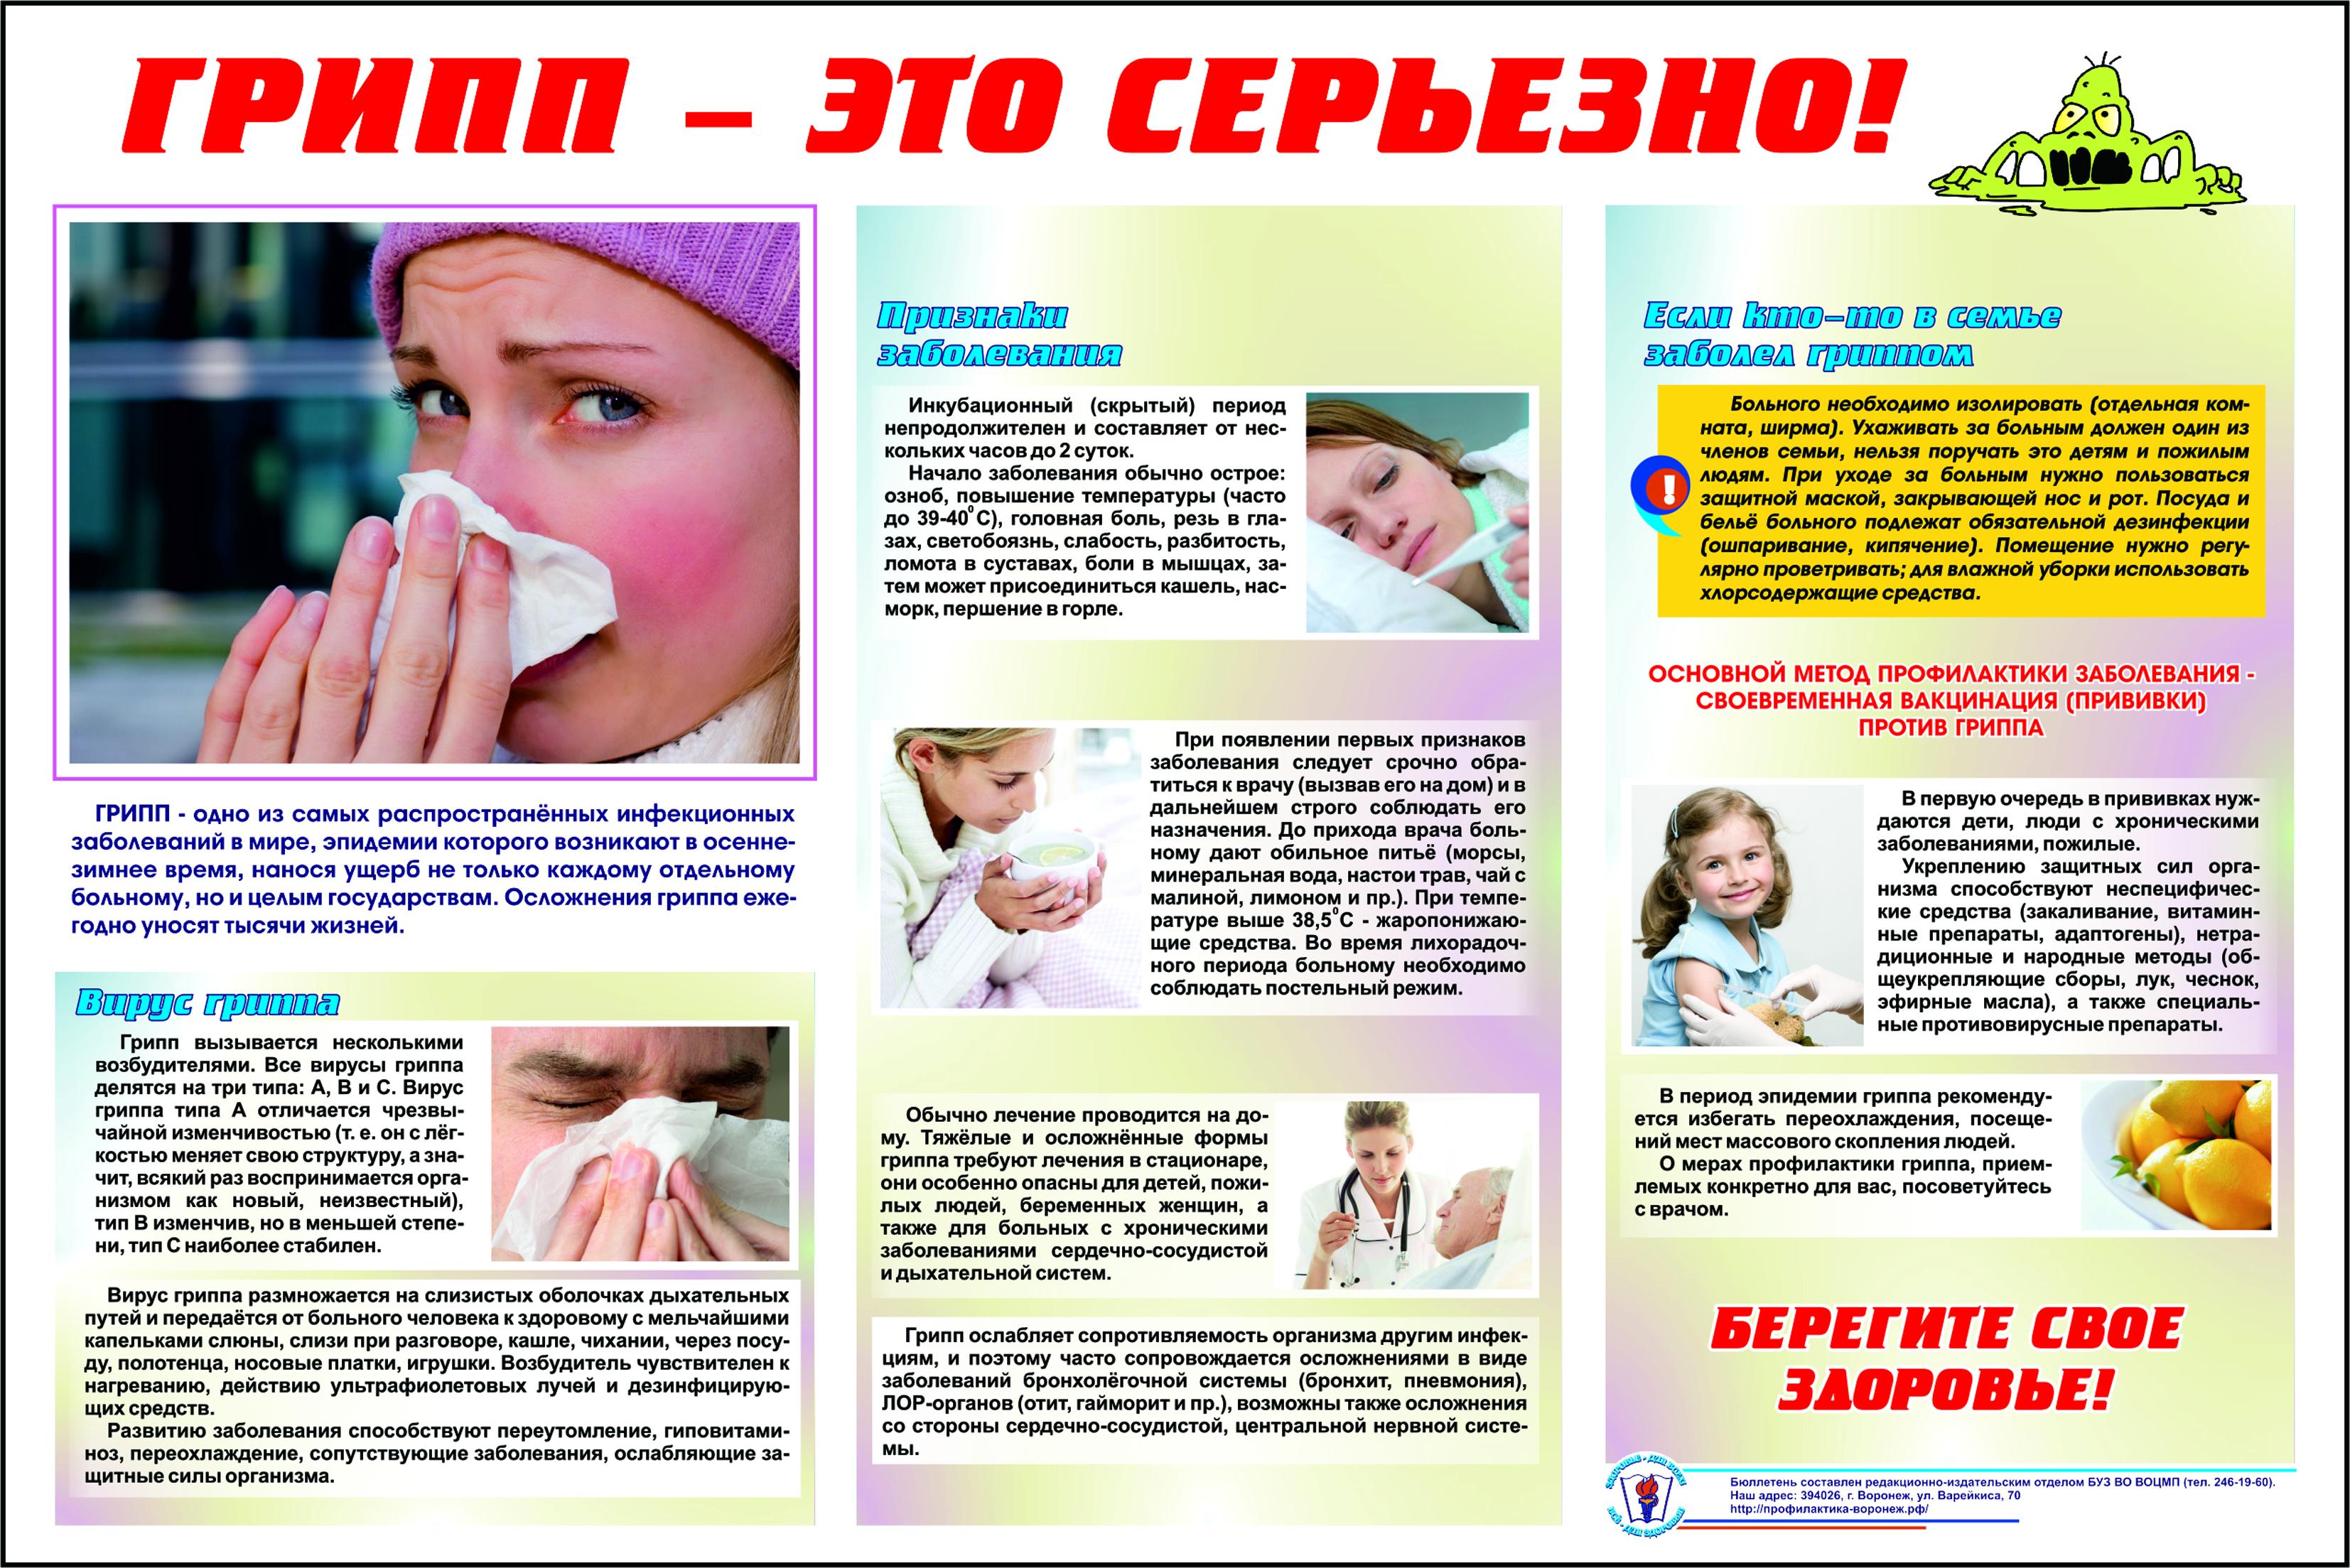 Картинка по гриппу на стенд